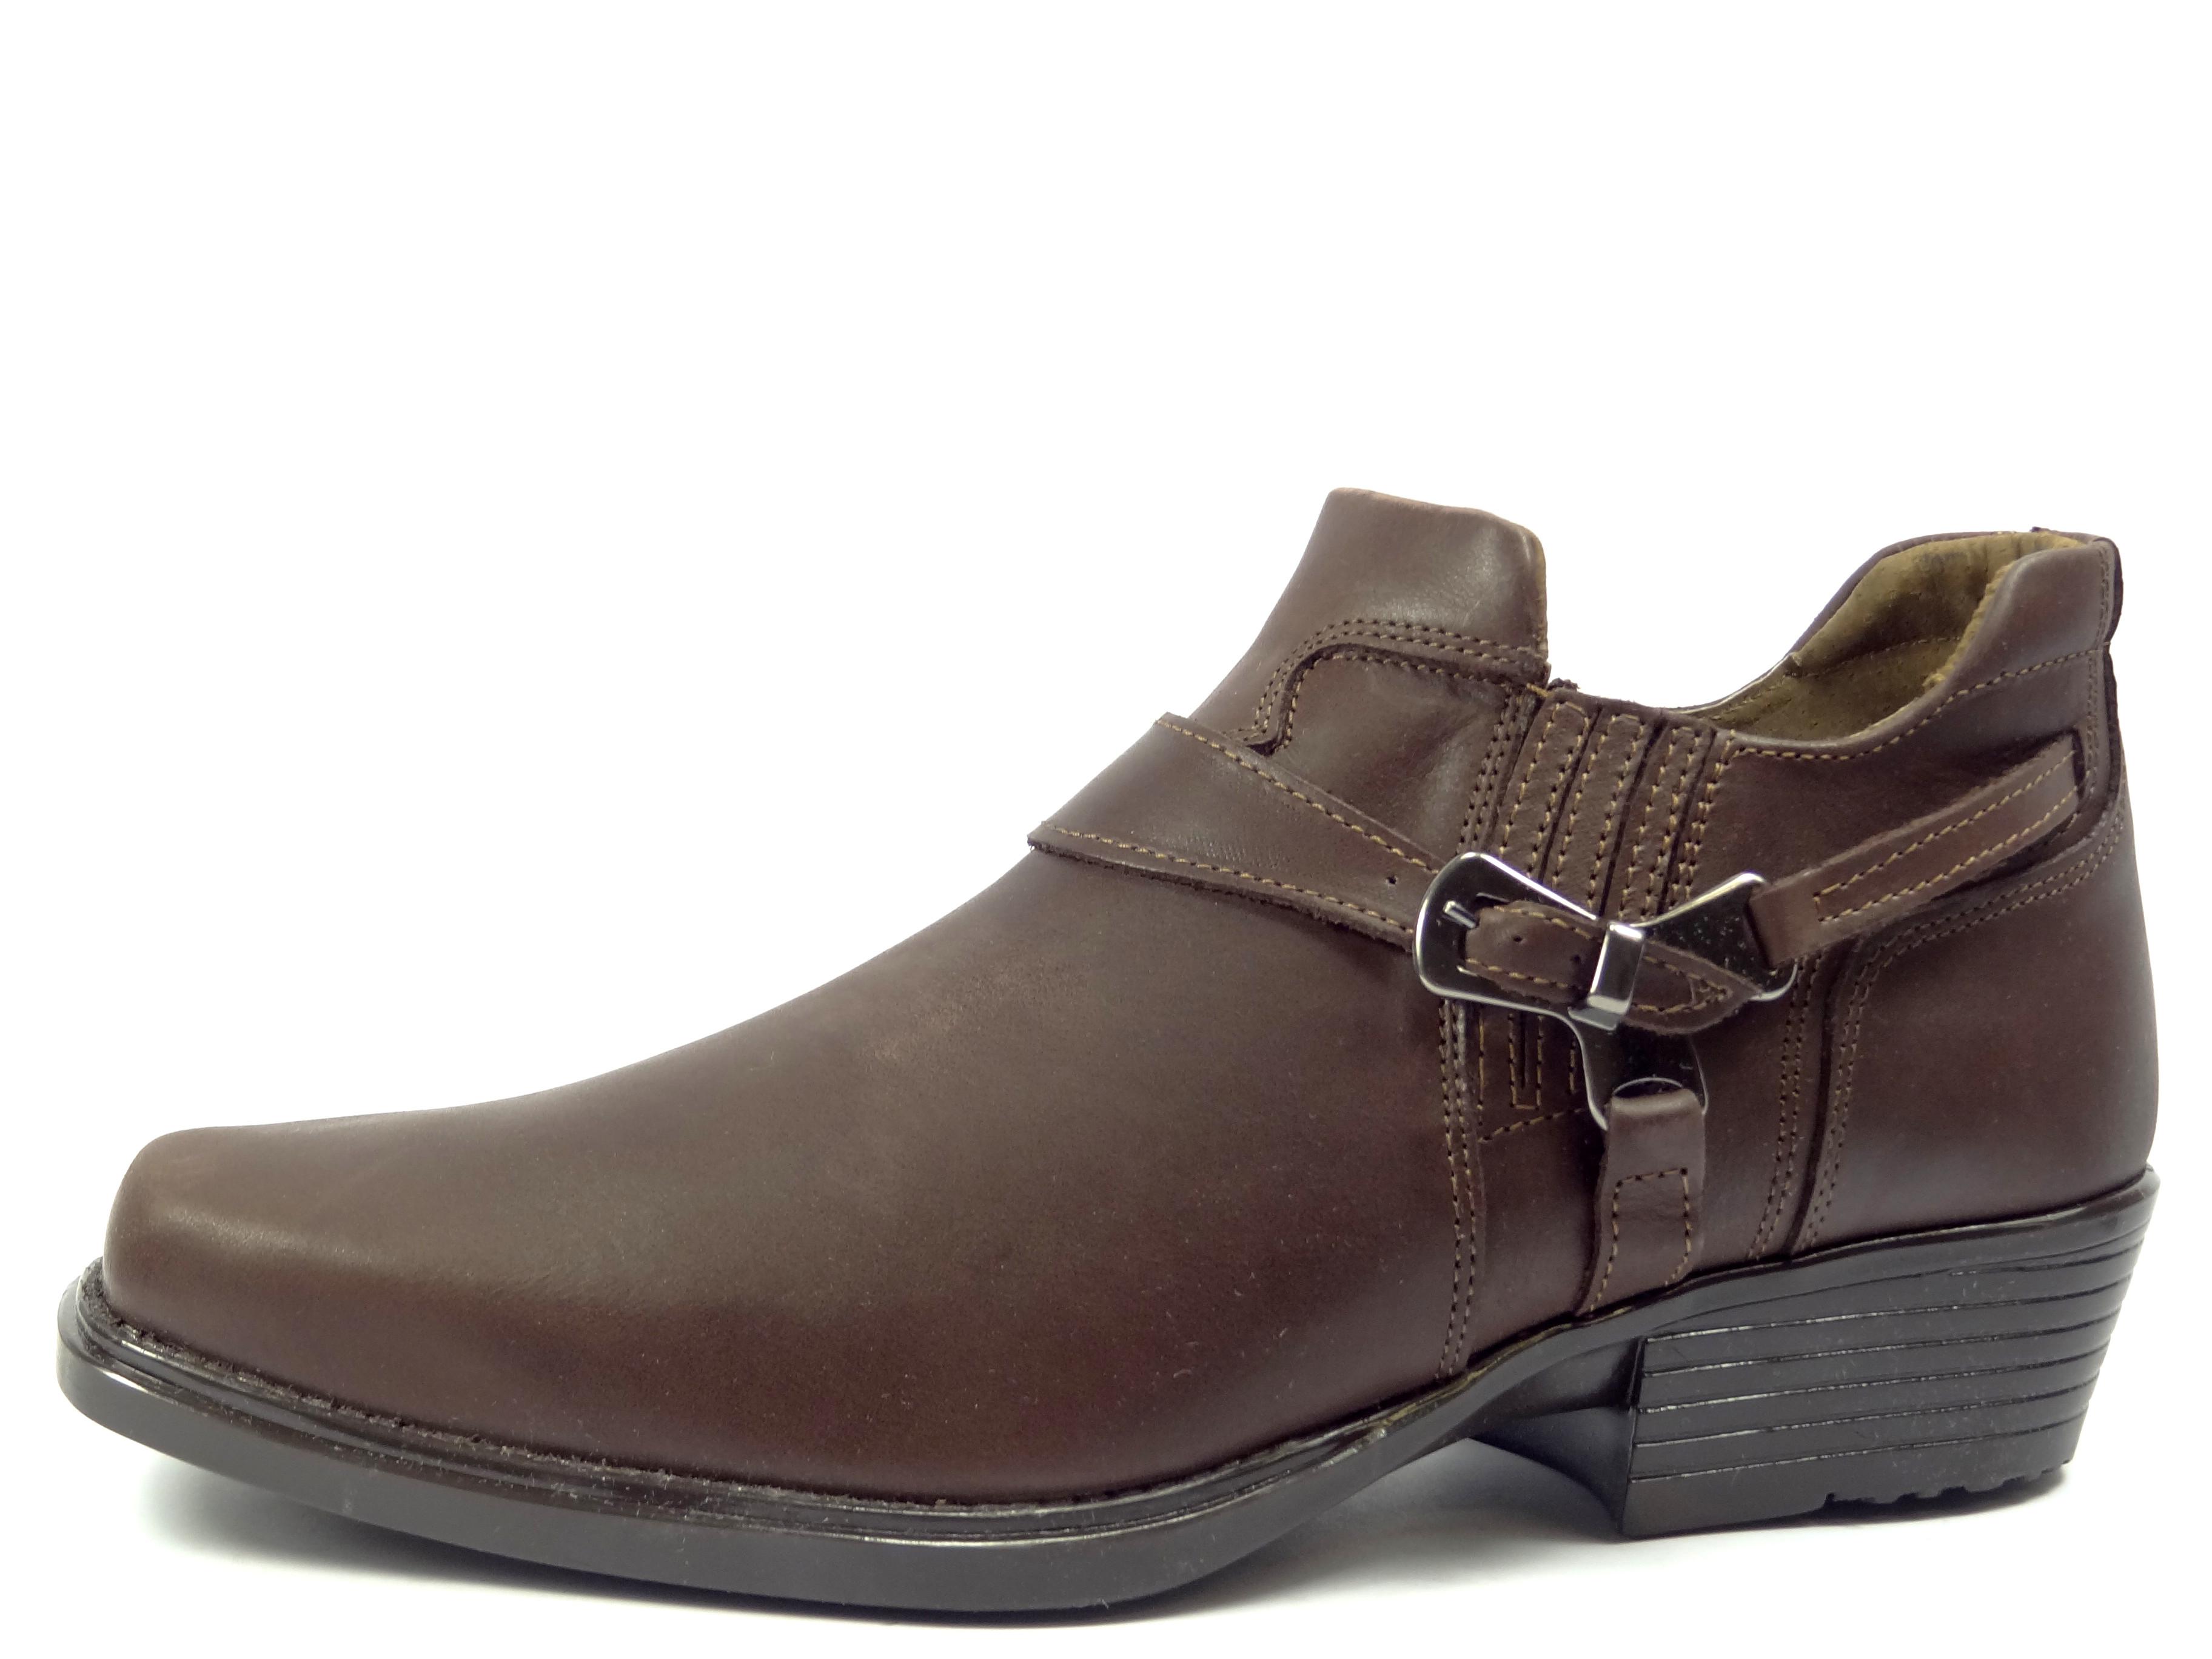 Selma westernové boty na motorku na koně nízká 1026 hladká hnědá ... cca0668ca2